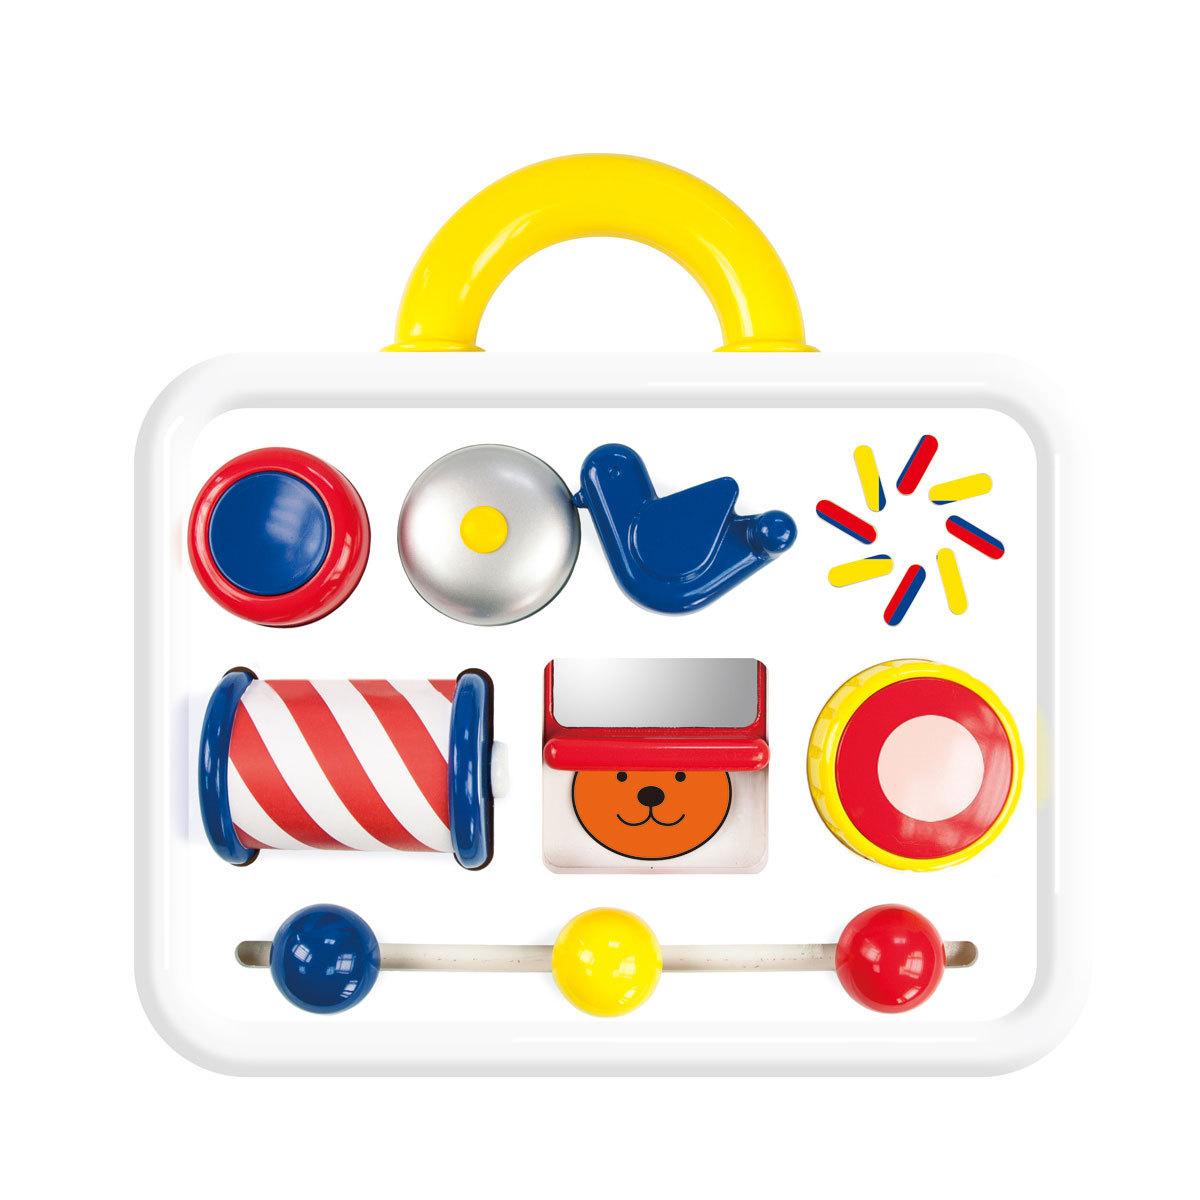 Mes premiers jouets Mon Tableau d'Eveil Mon Tableau d'Eveil